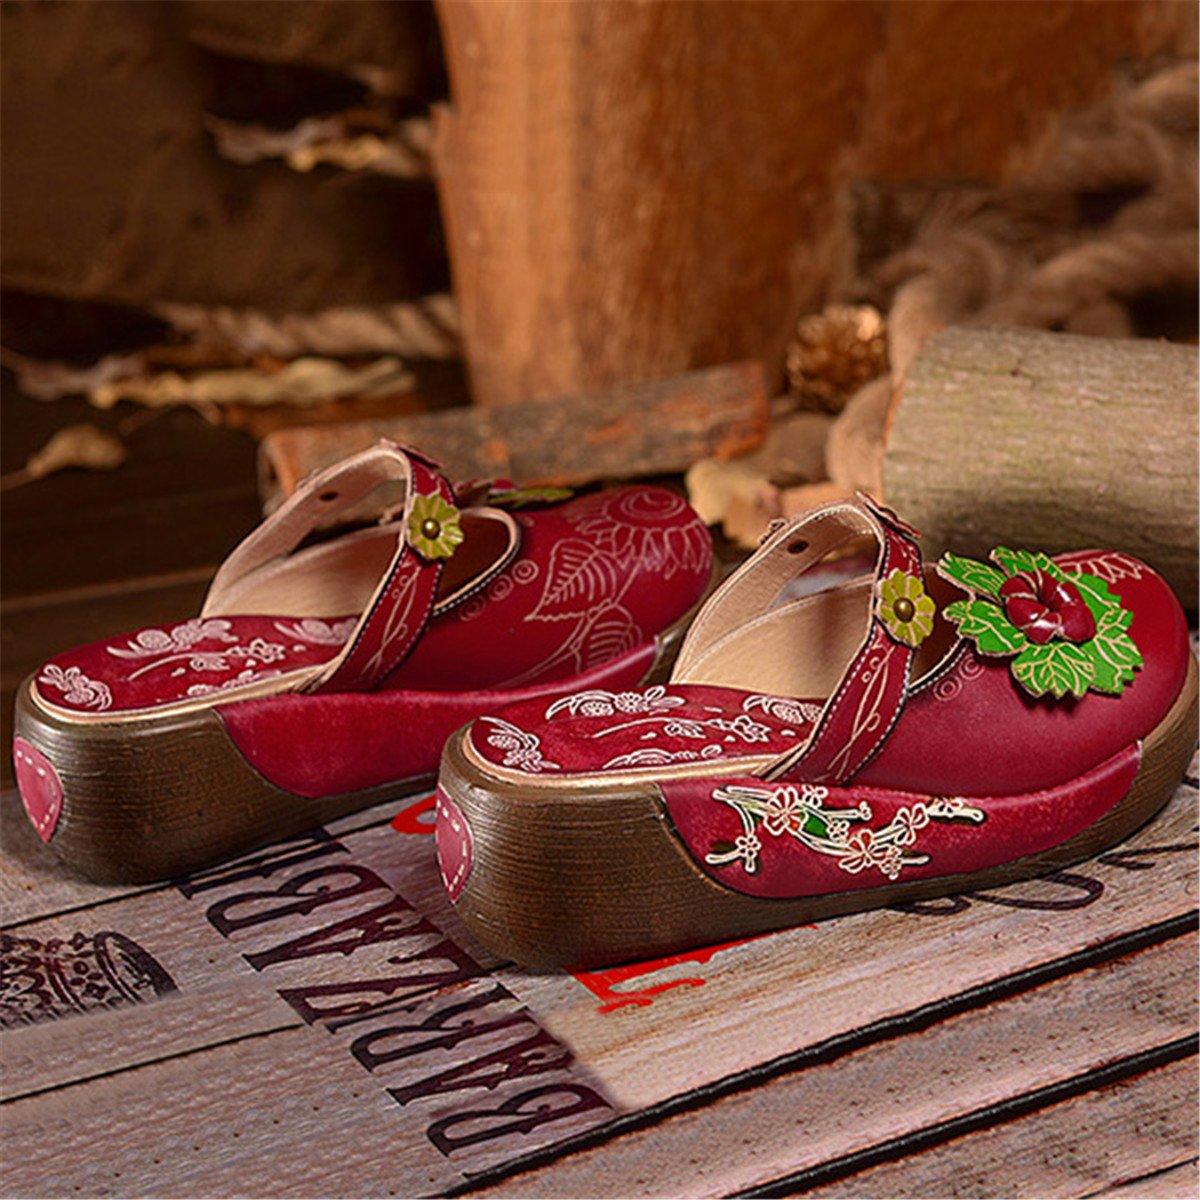 Cuero Mocasines Mujer Socofy Sandalias De Para Zapatilla N80nwkxop tshrdCQ